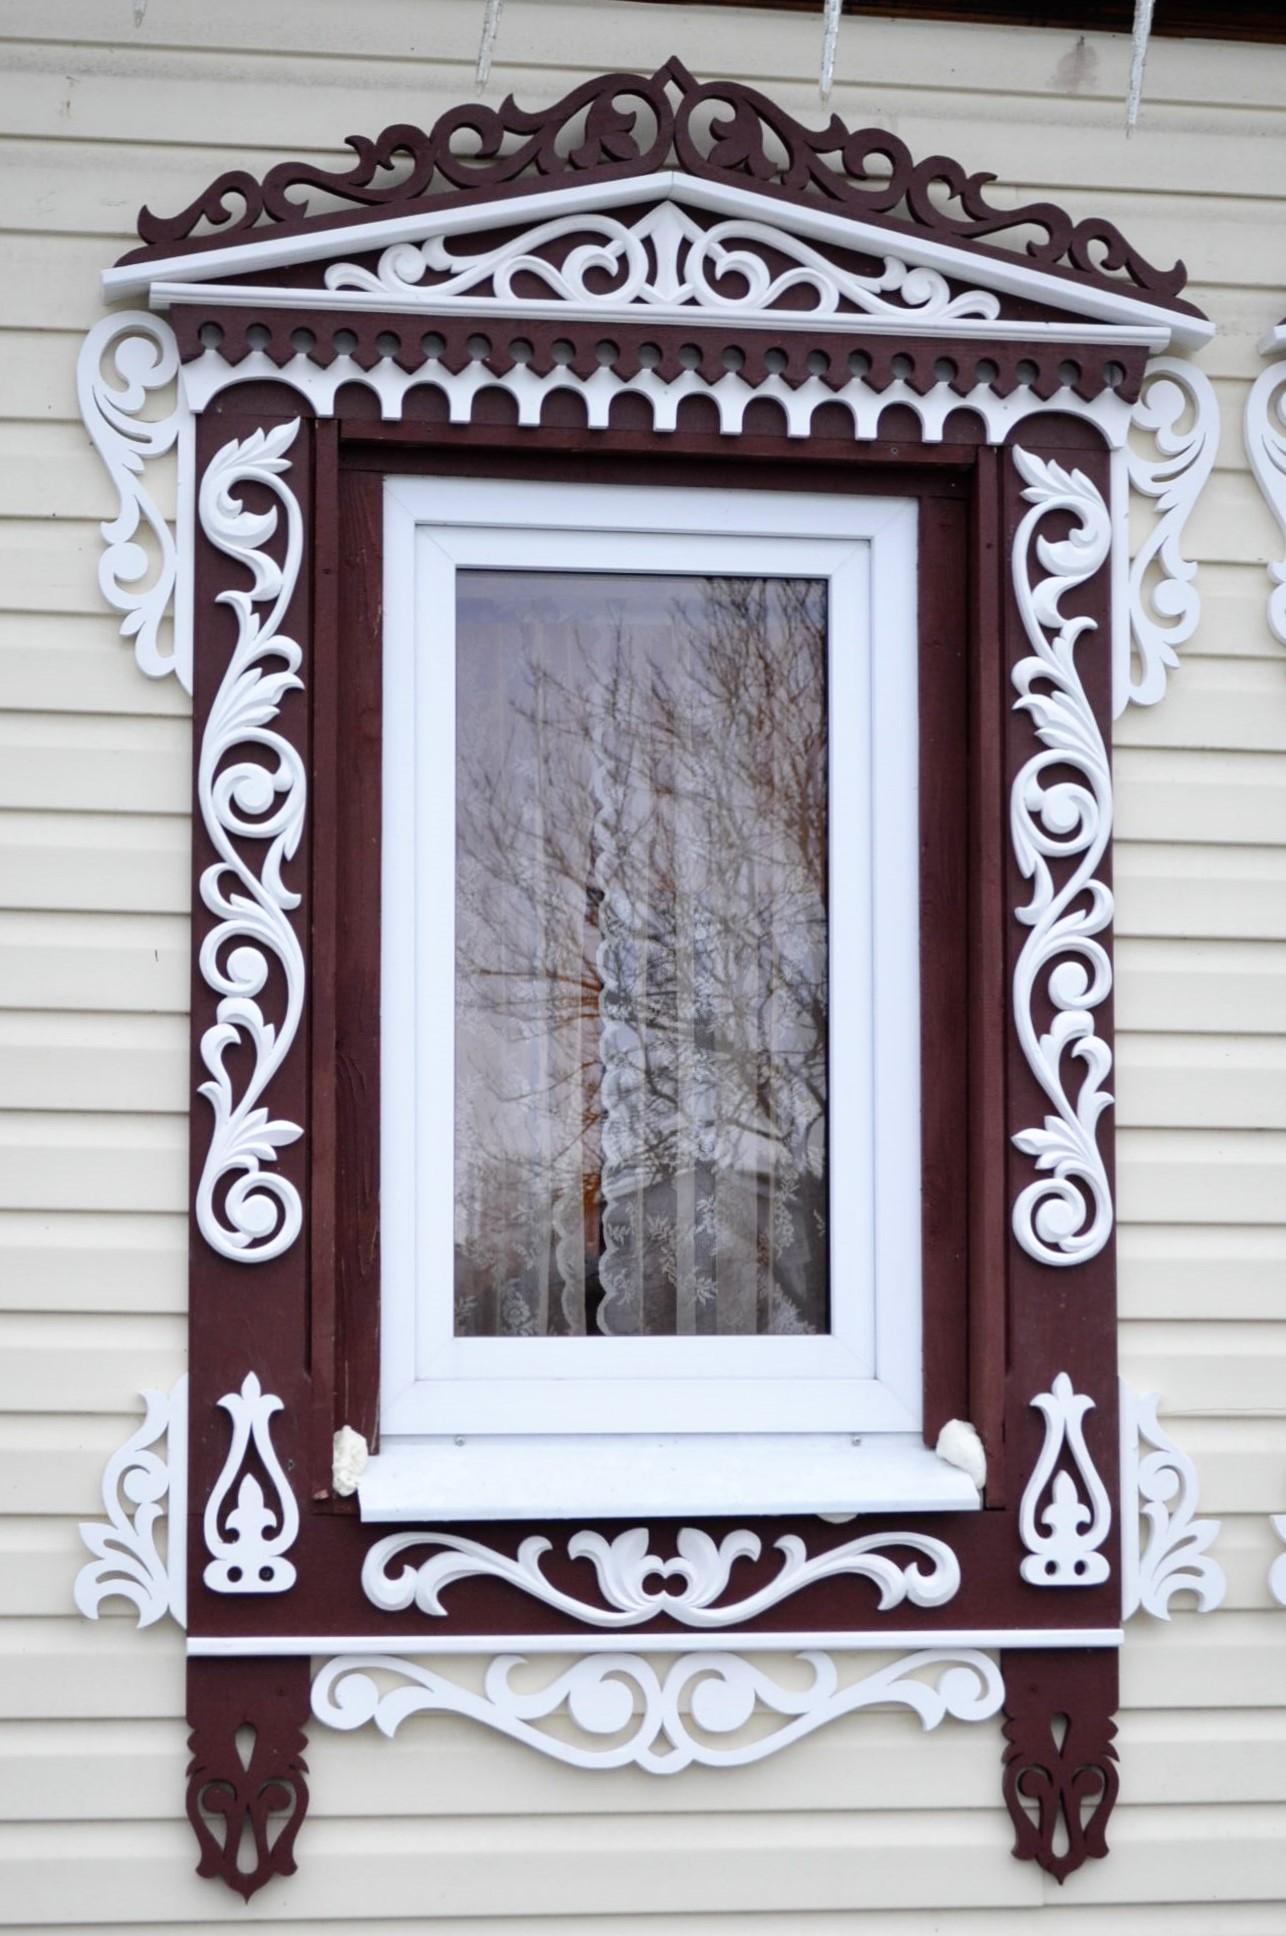 Резные наличники на окне